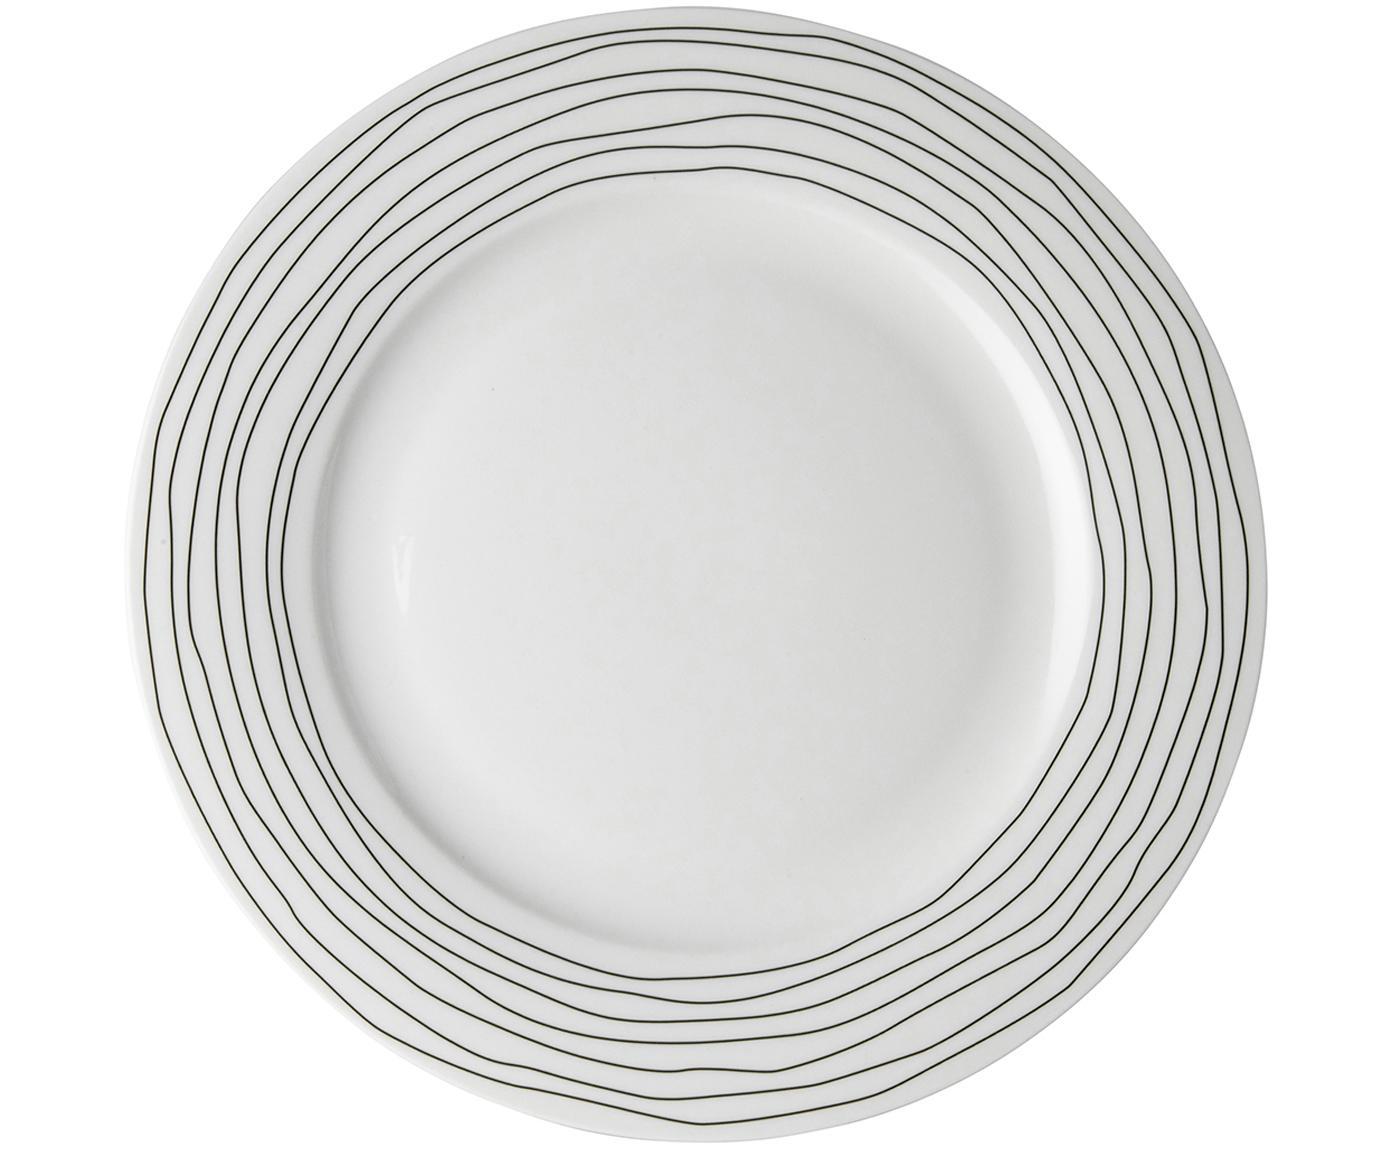 Talerz duży Eris Loft, 4 szt., Porcelana, Biały, czarny, Ø 26 x W 2 cm